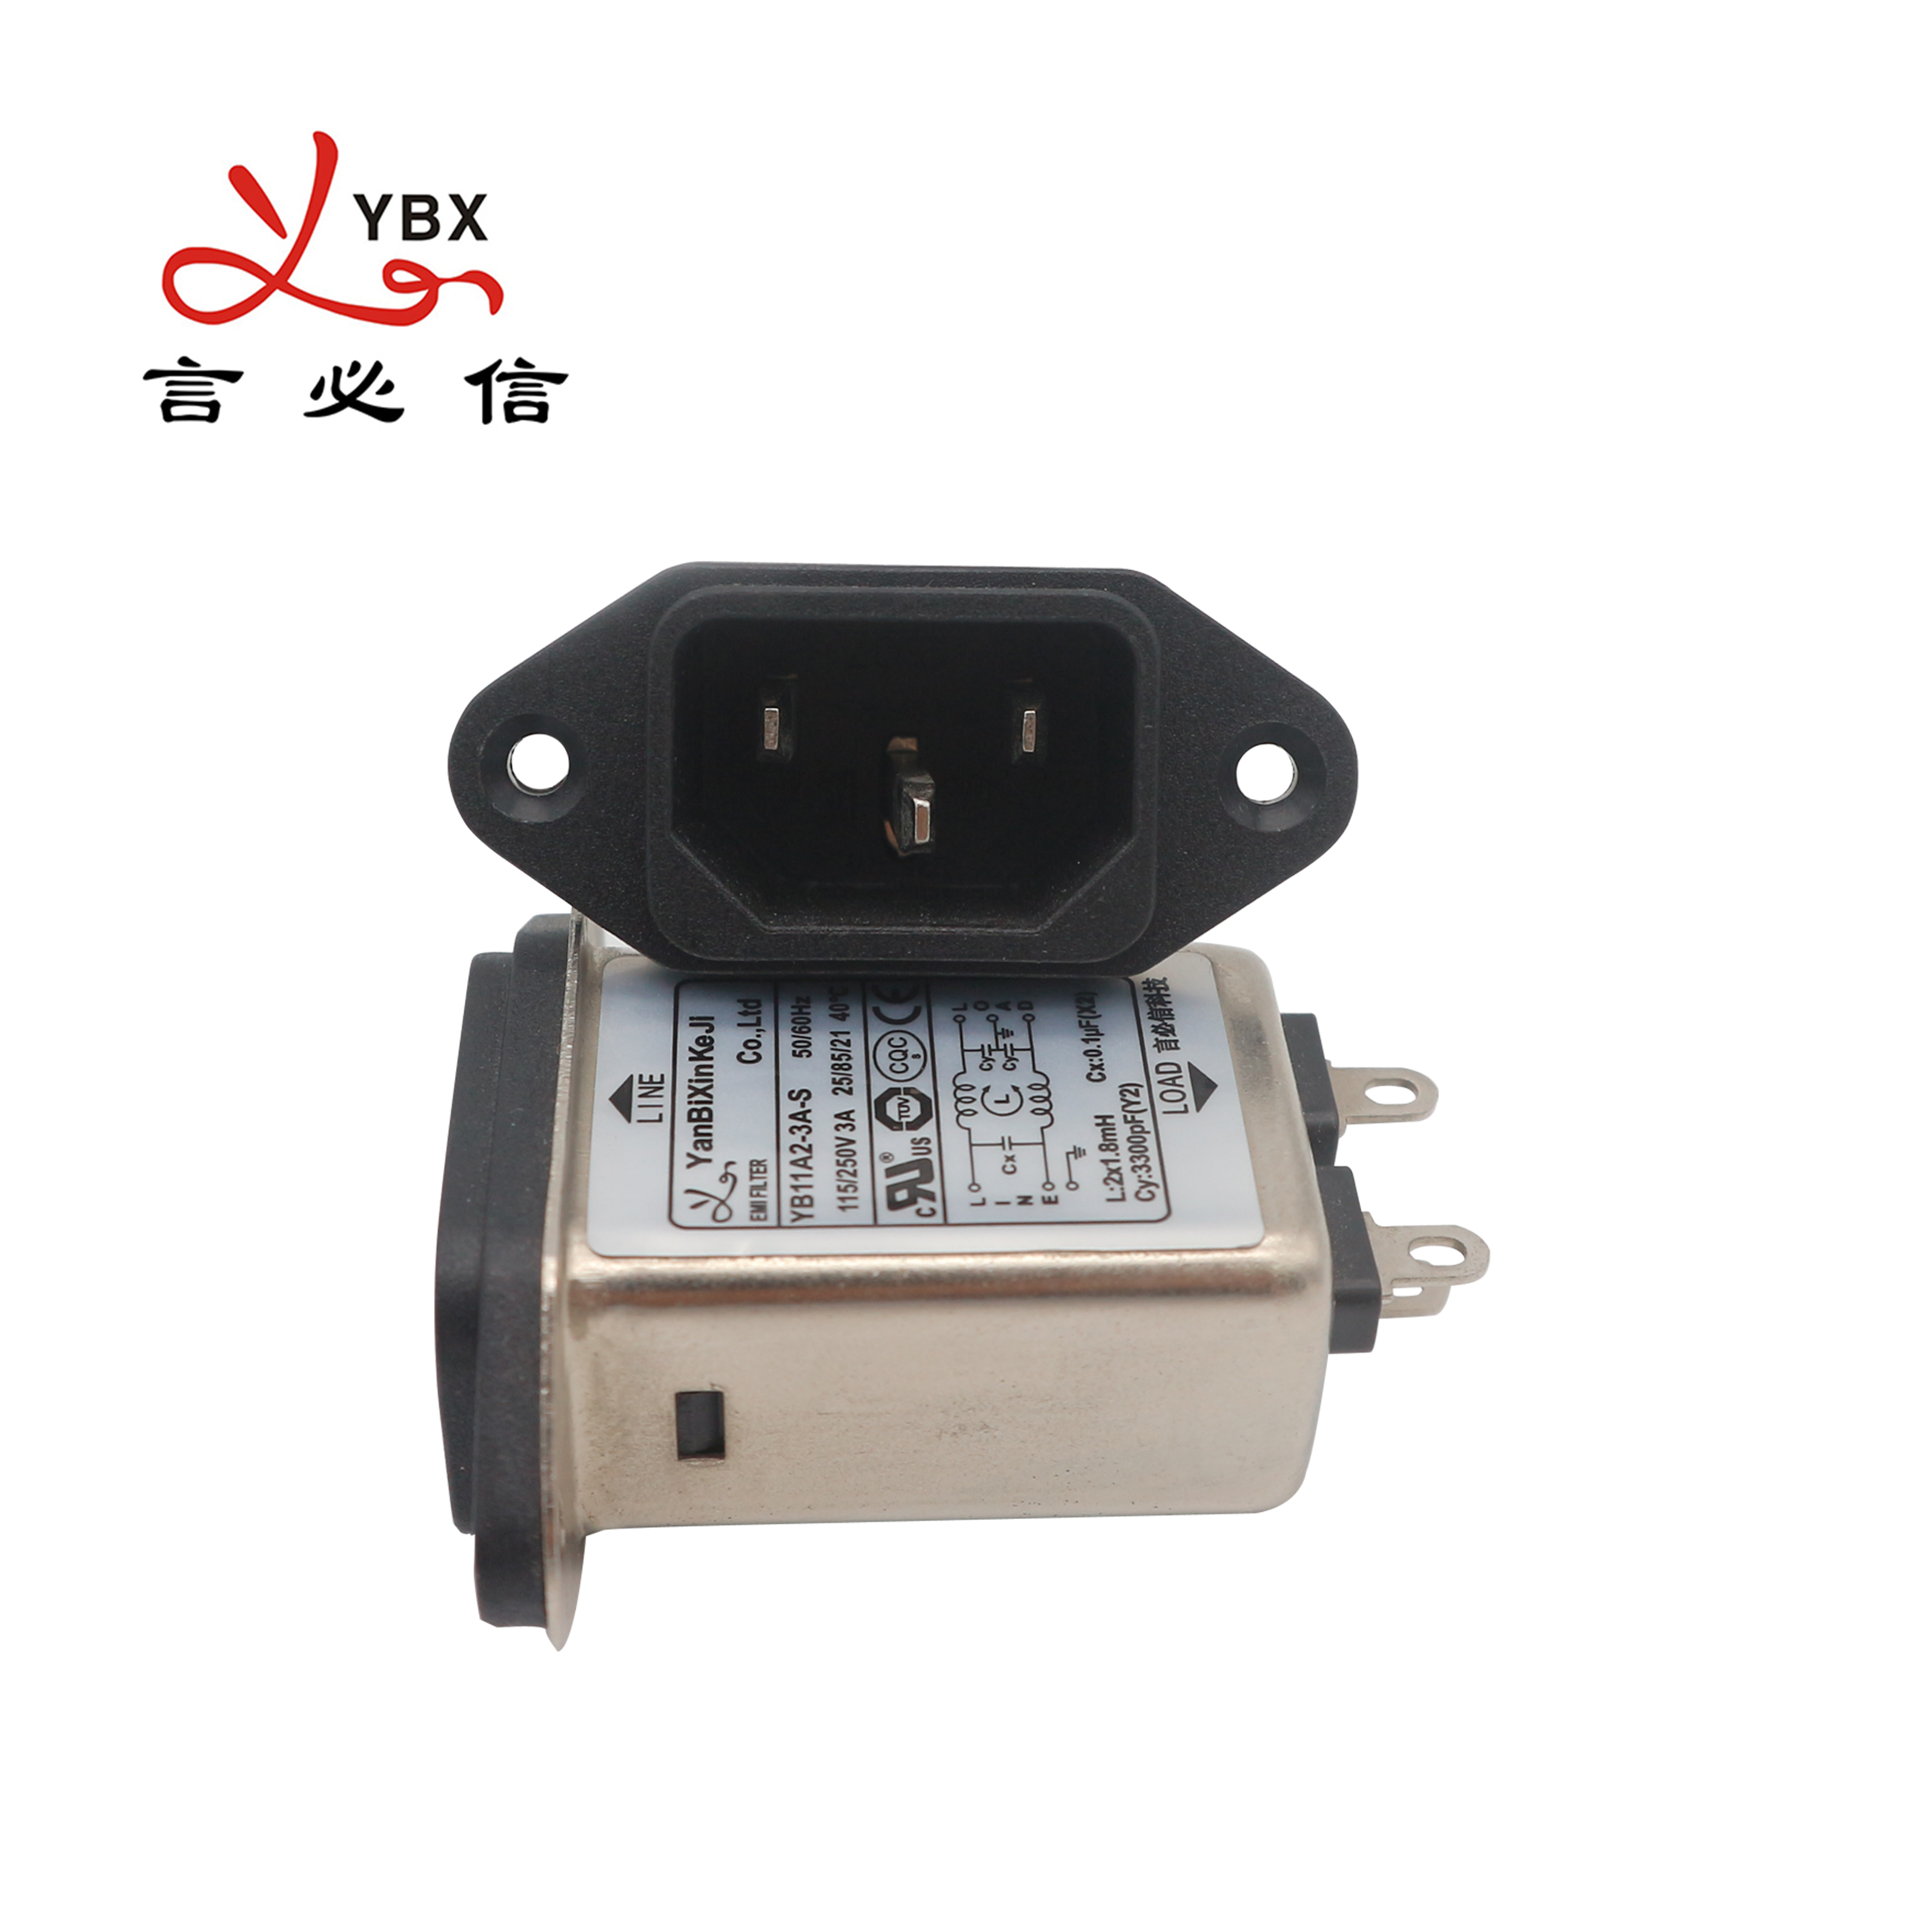 Yanbixin YB-B3 제조 IEC 소켓 EMC EMI 필터 스위치